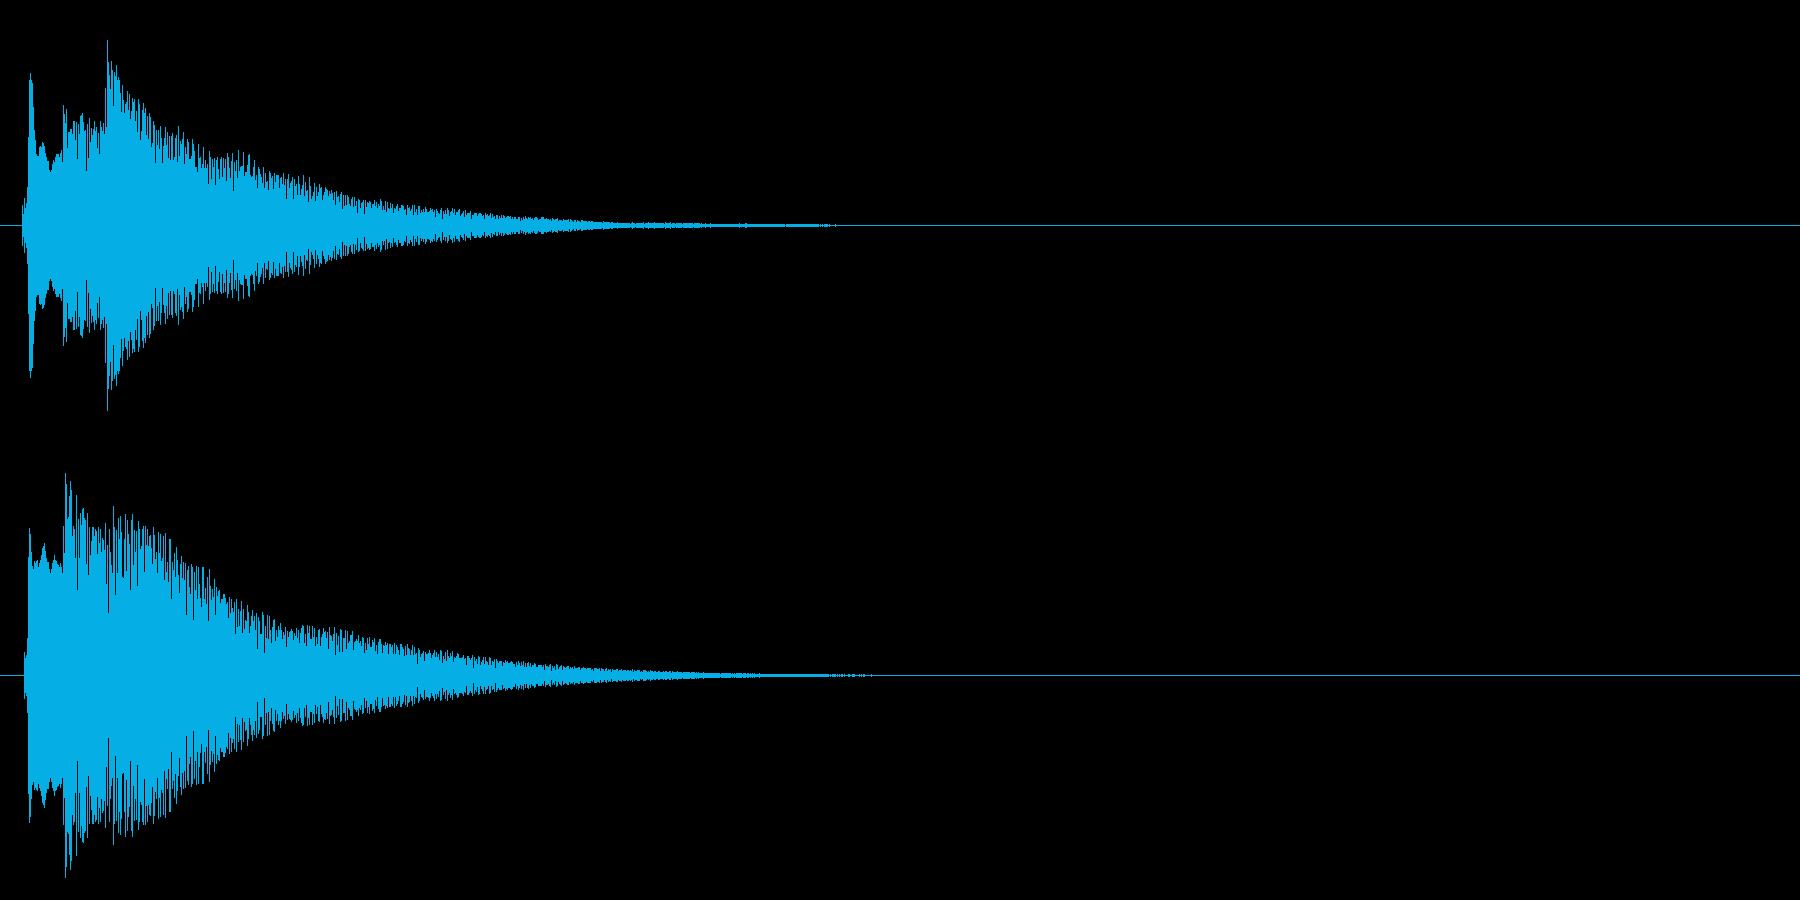 ハープ系 決定音09(長三和音)の再生済みの波形